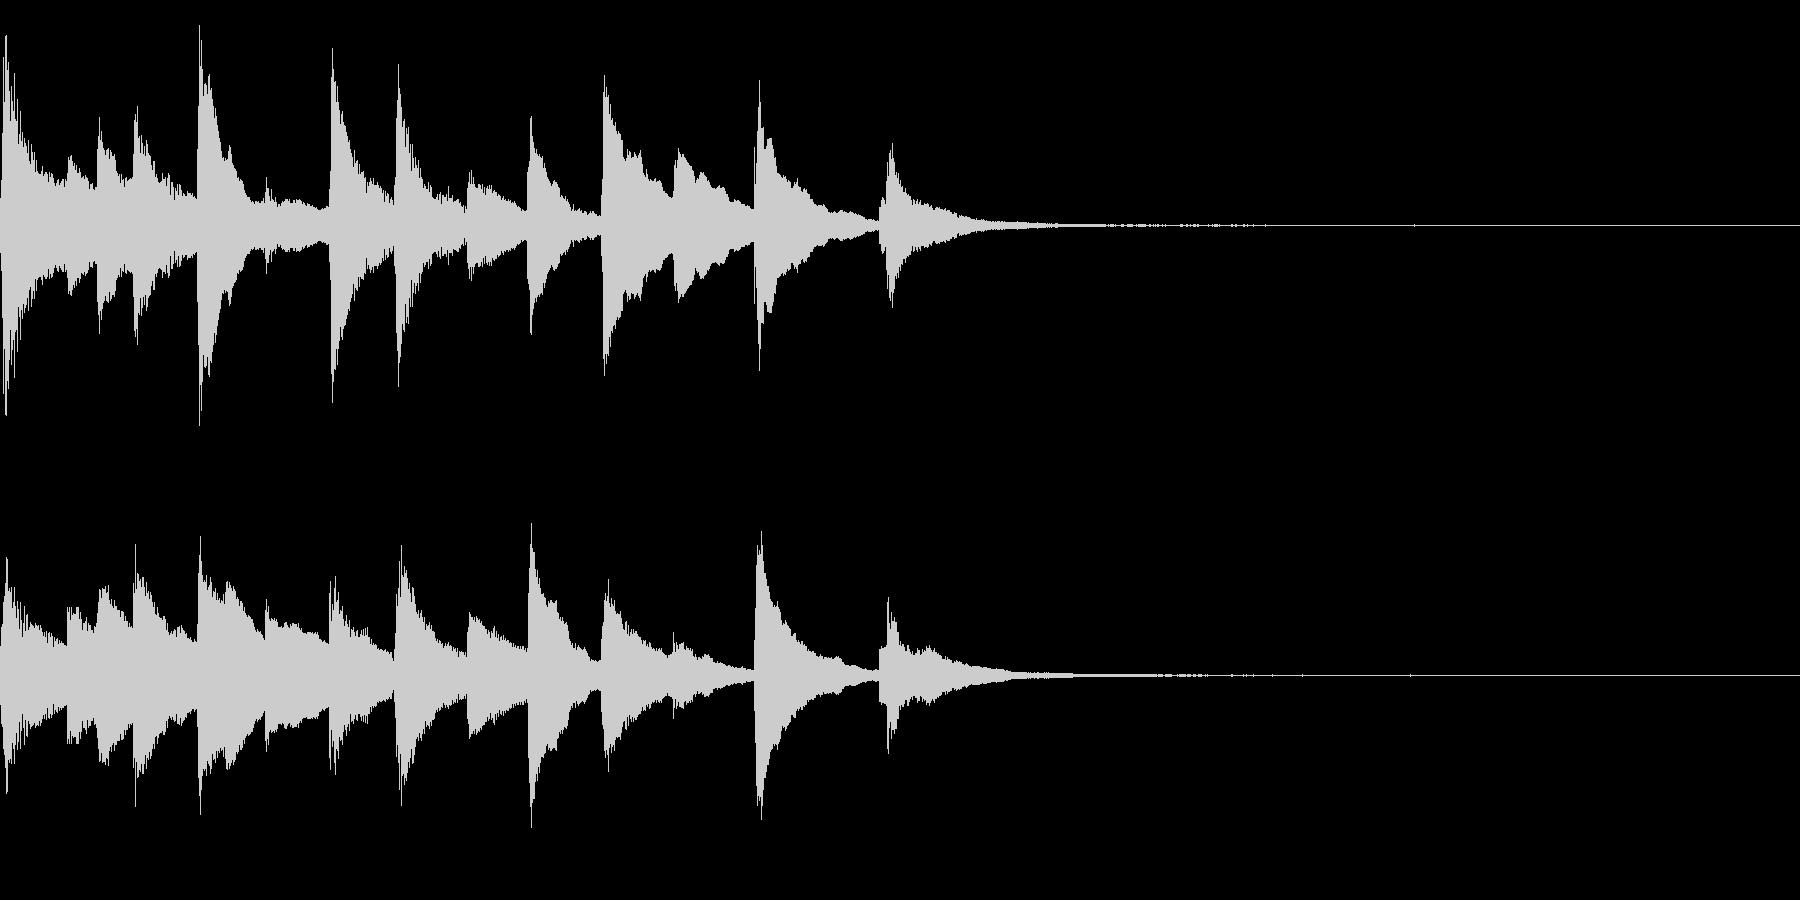 切ないピアノのジングル25の未再生の波形